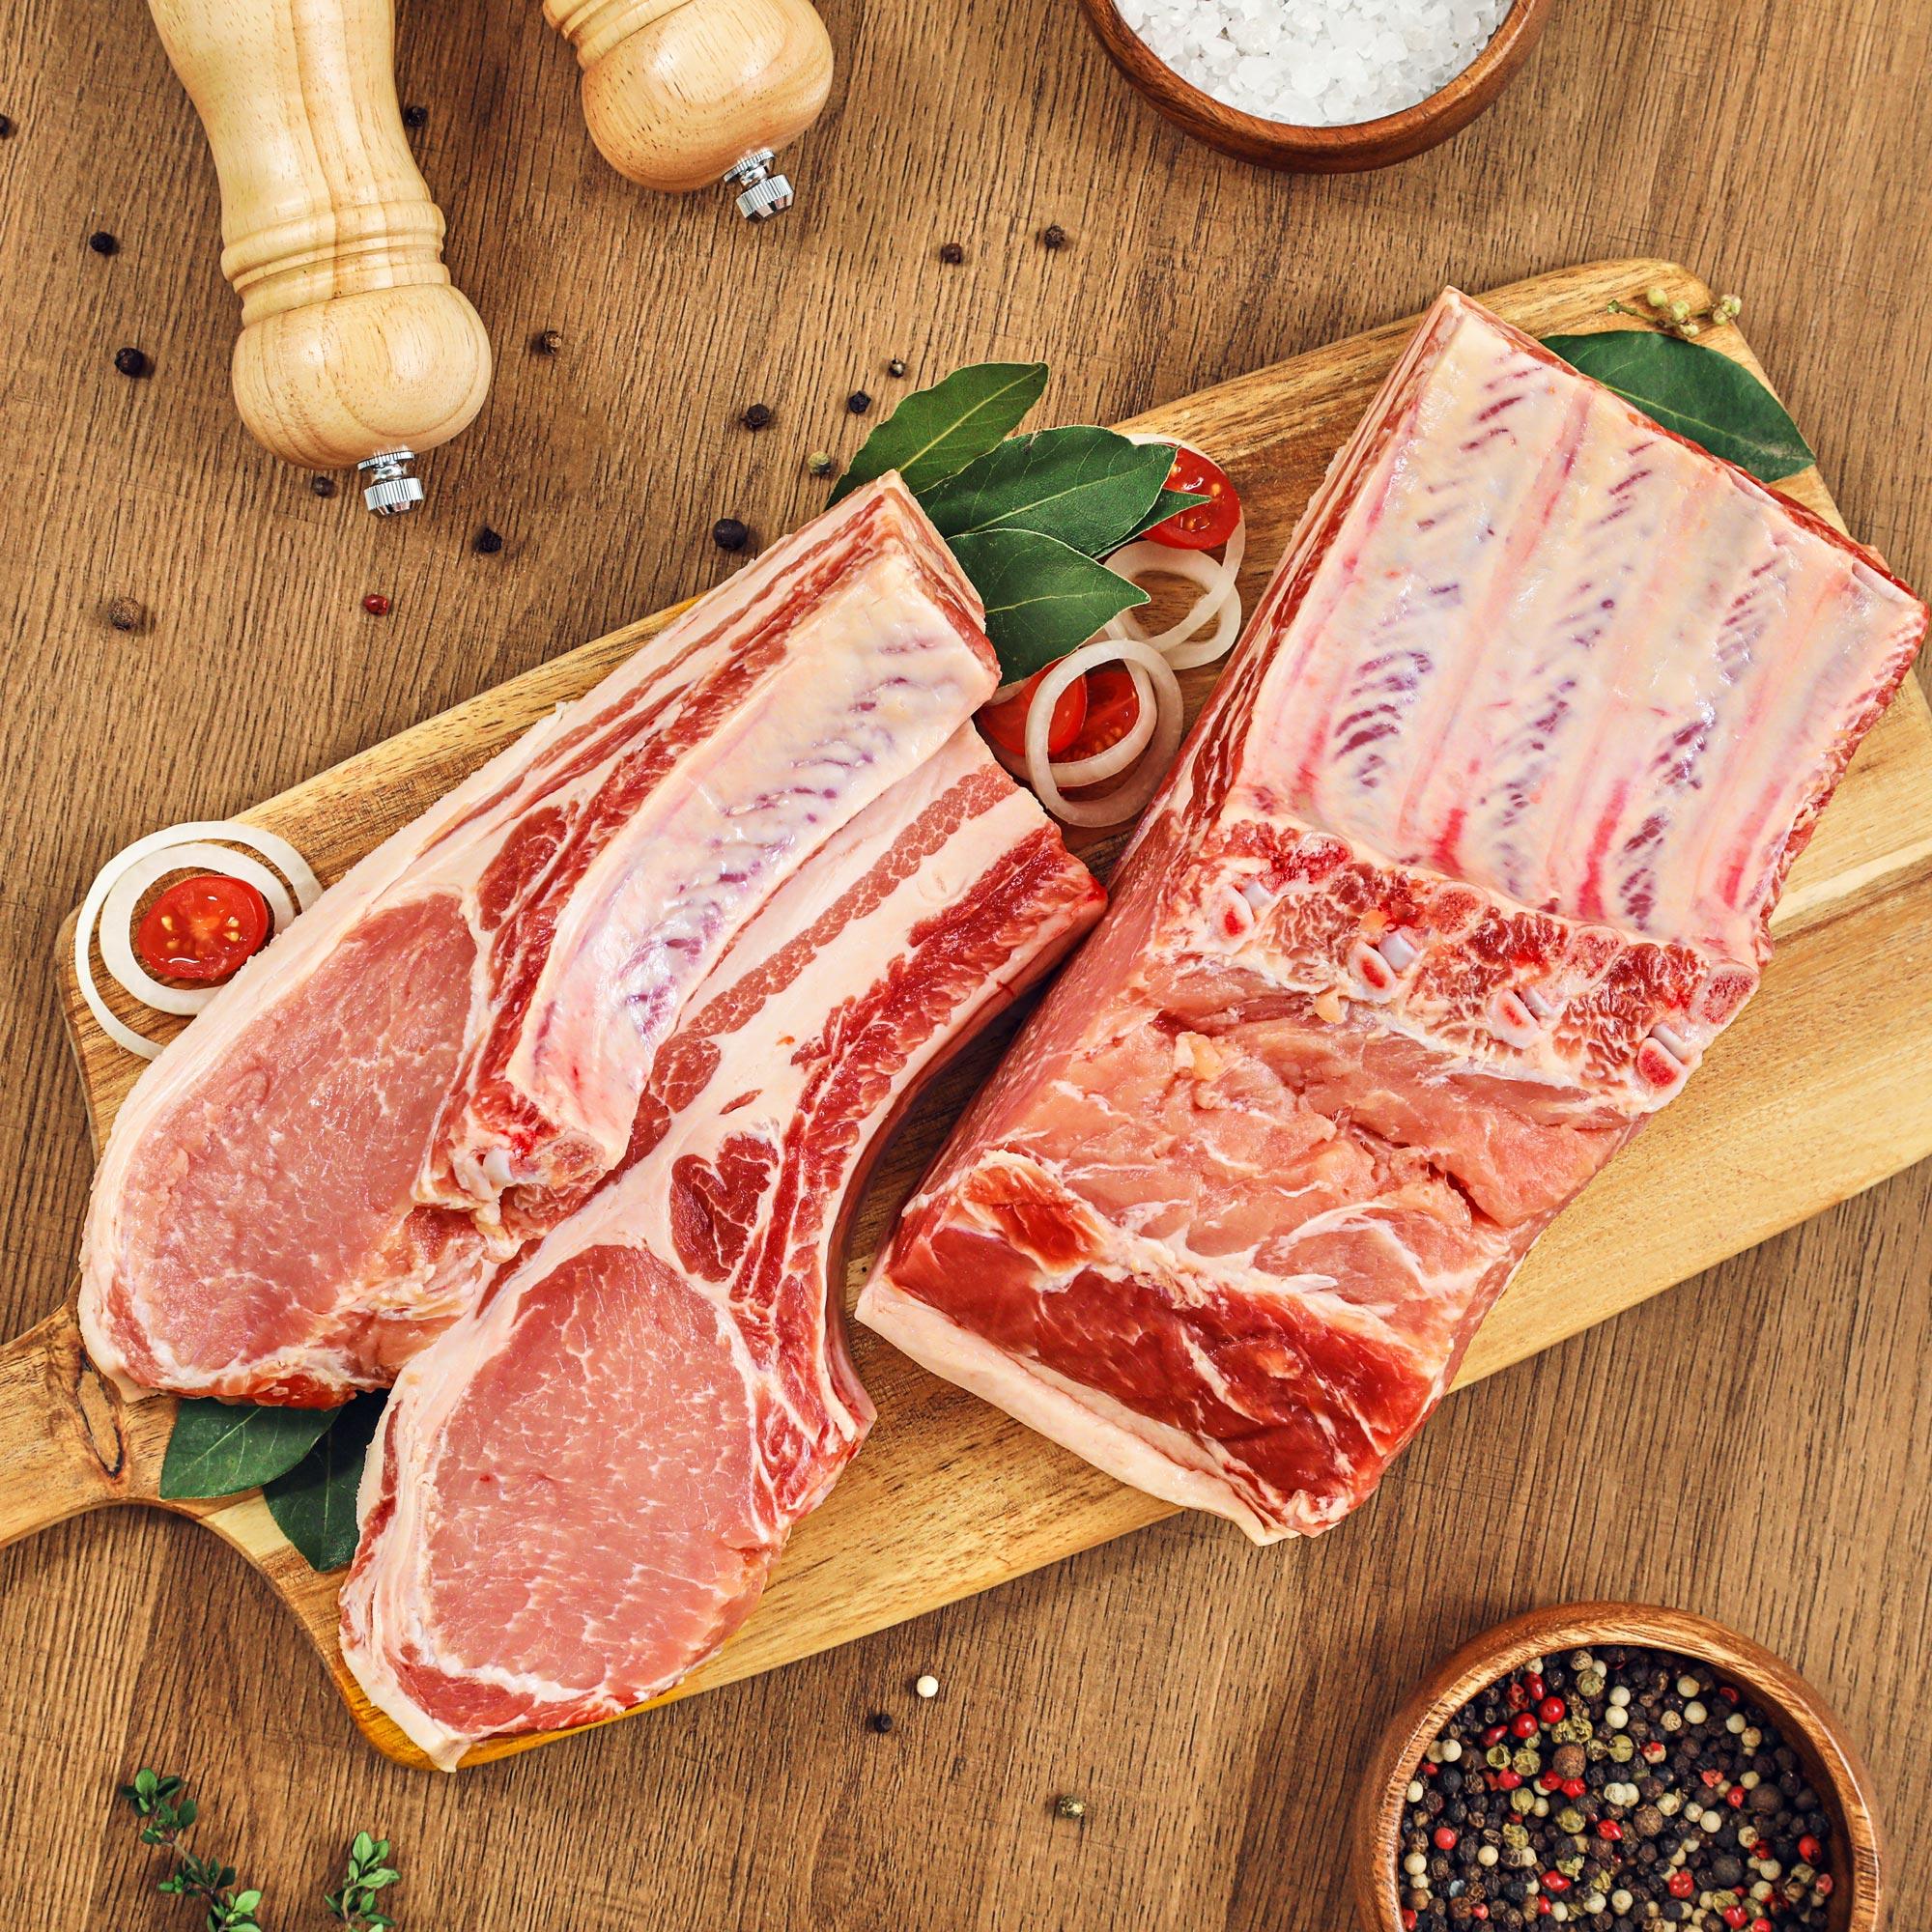 Корейка ТД Производство свиная, кг